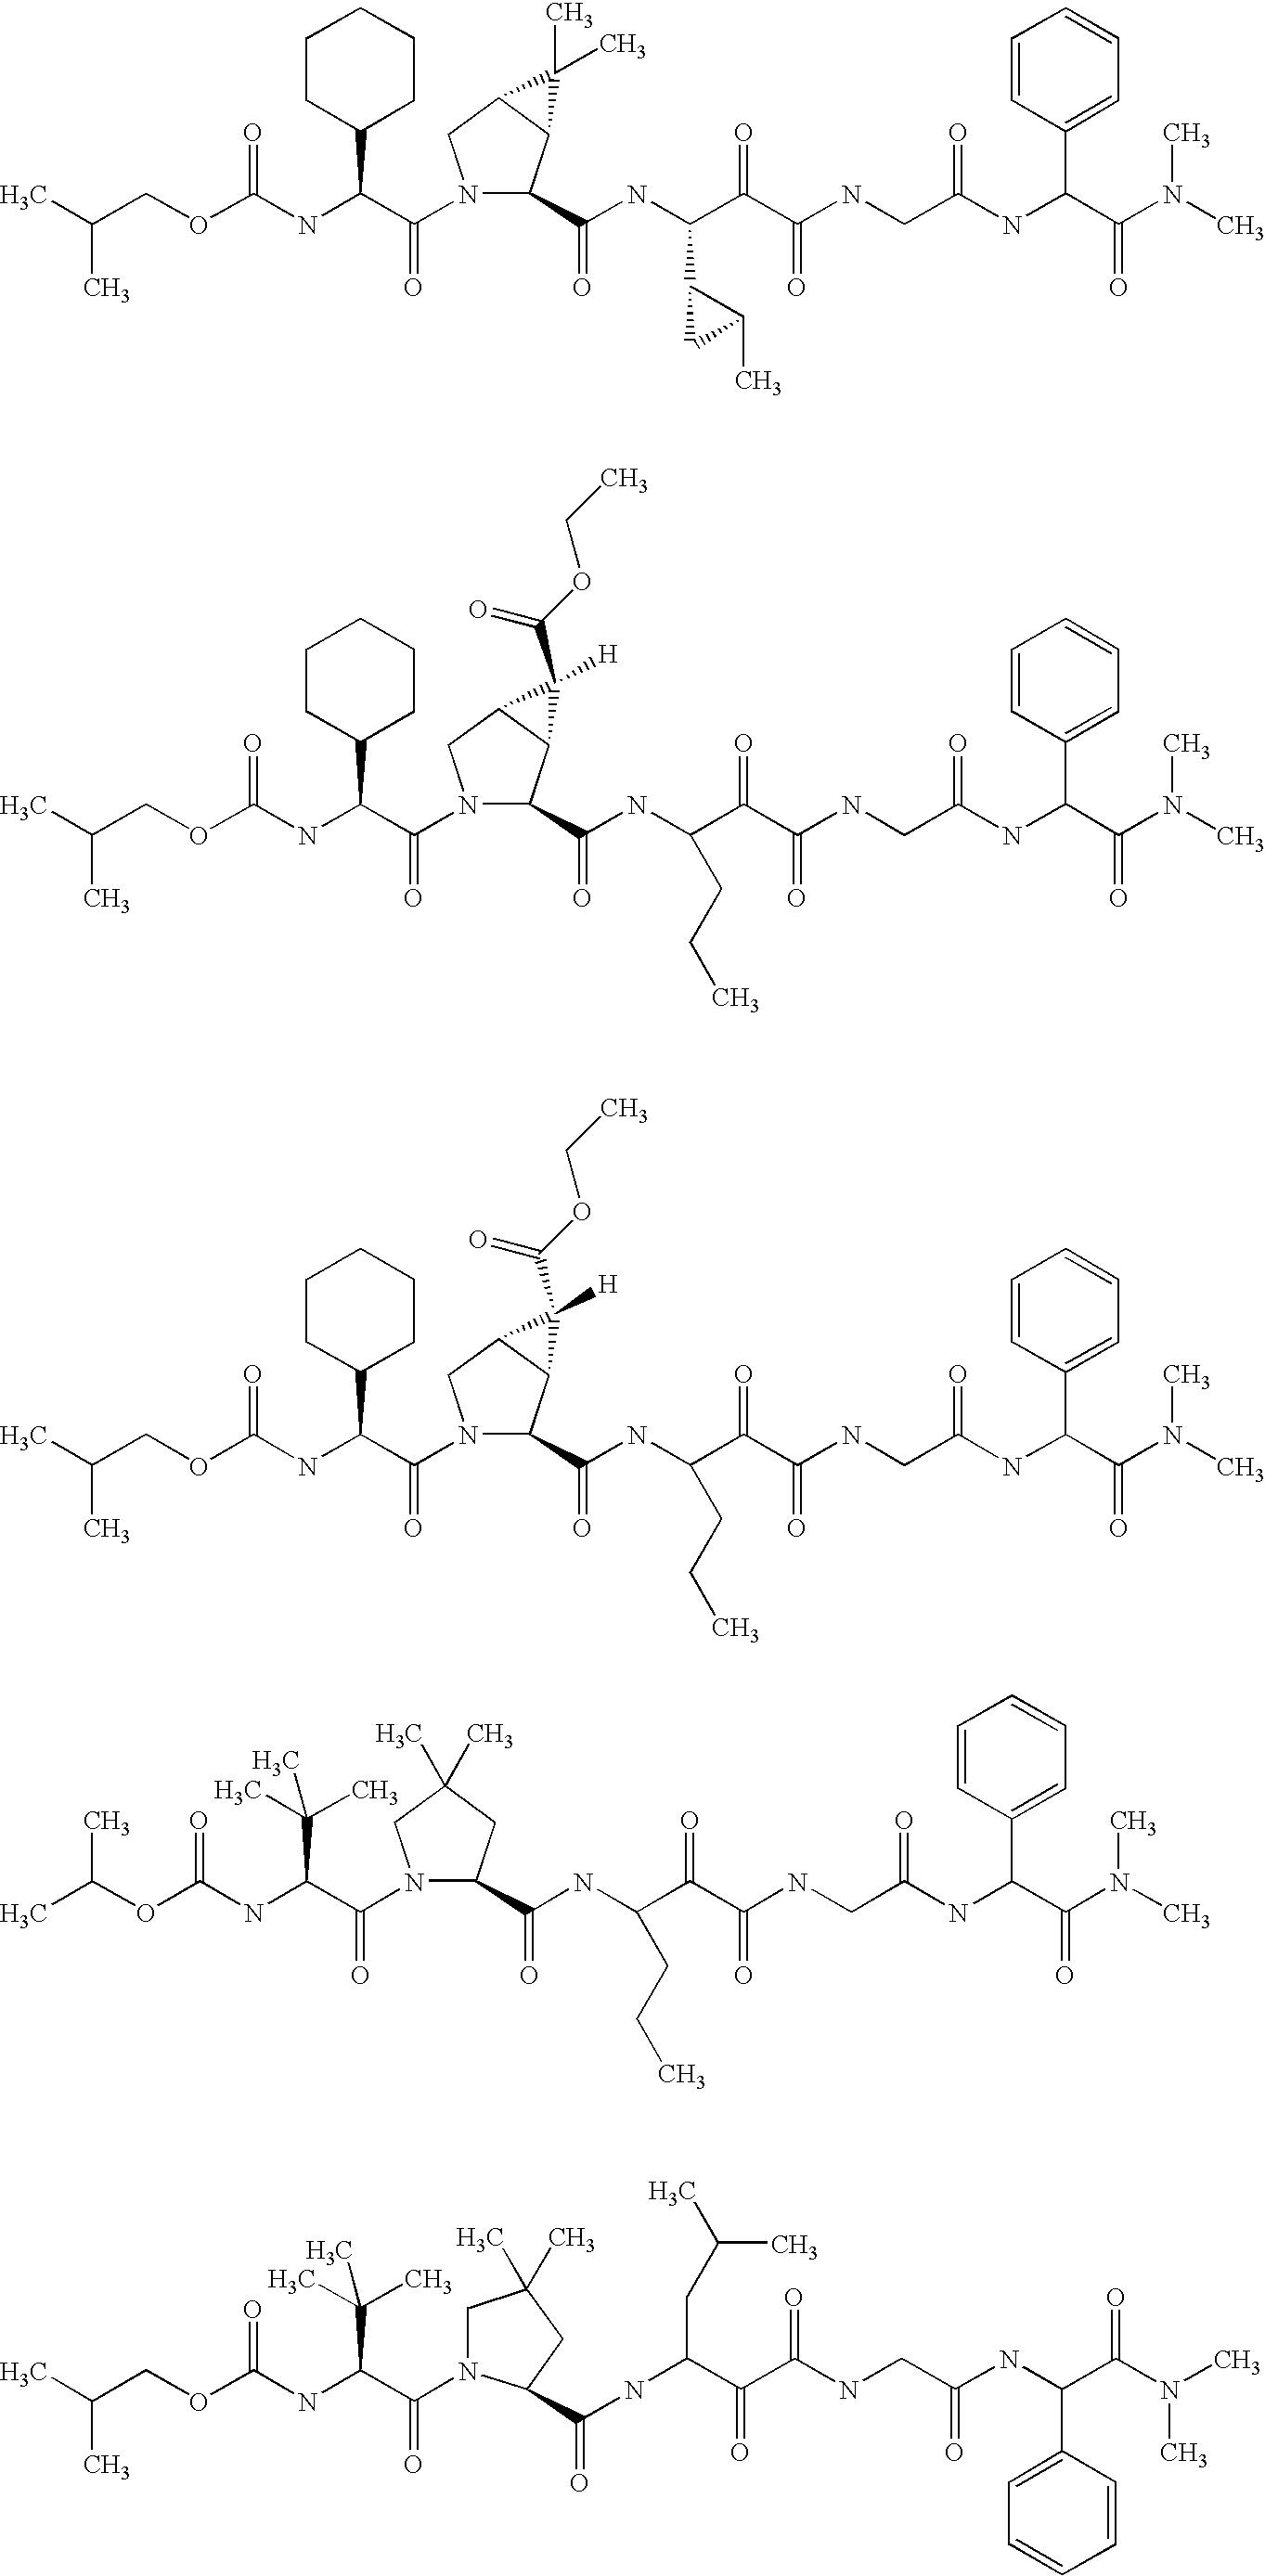 Figure US20060287248A1-20061221-C00140